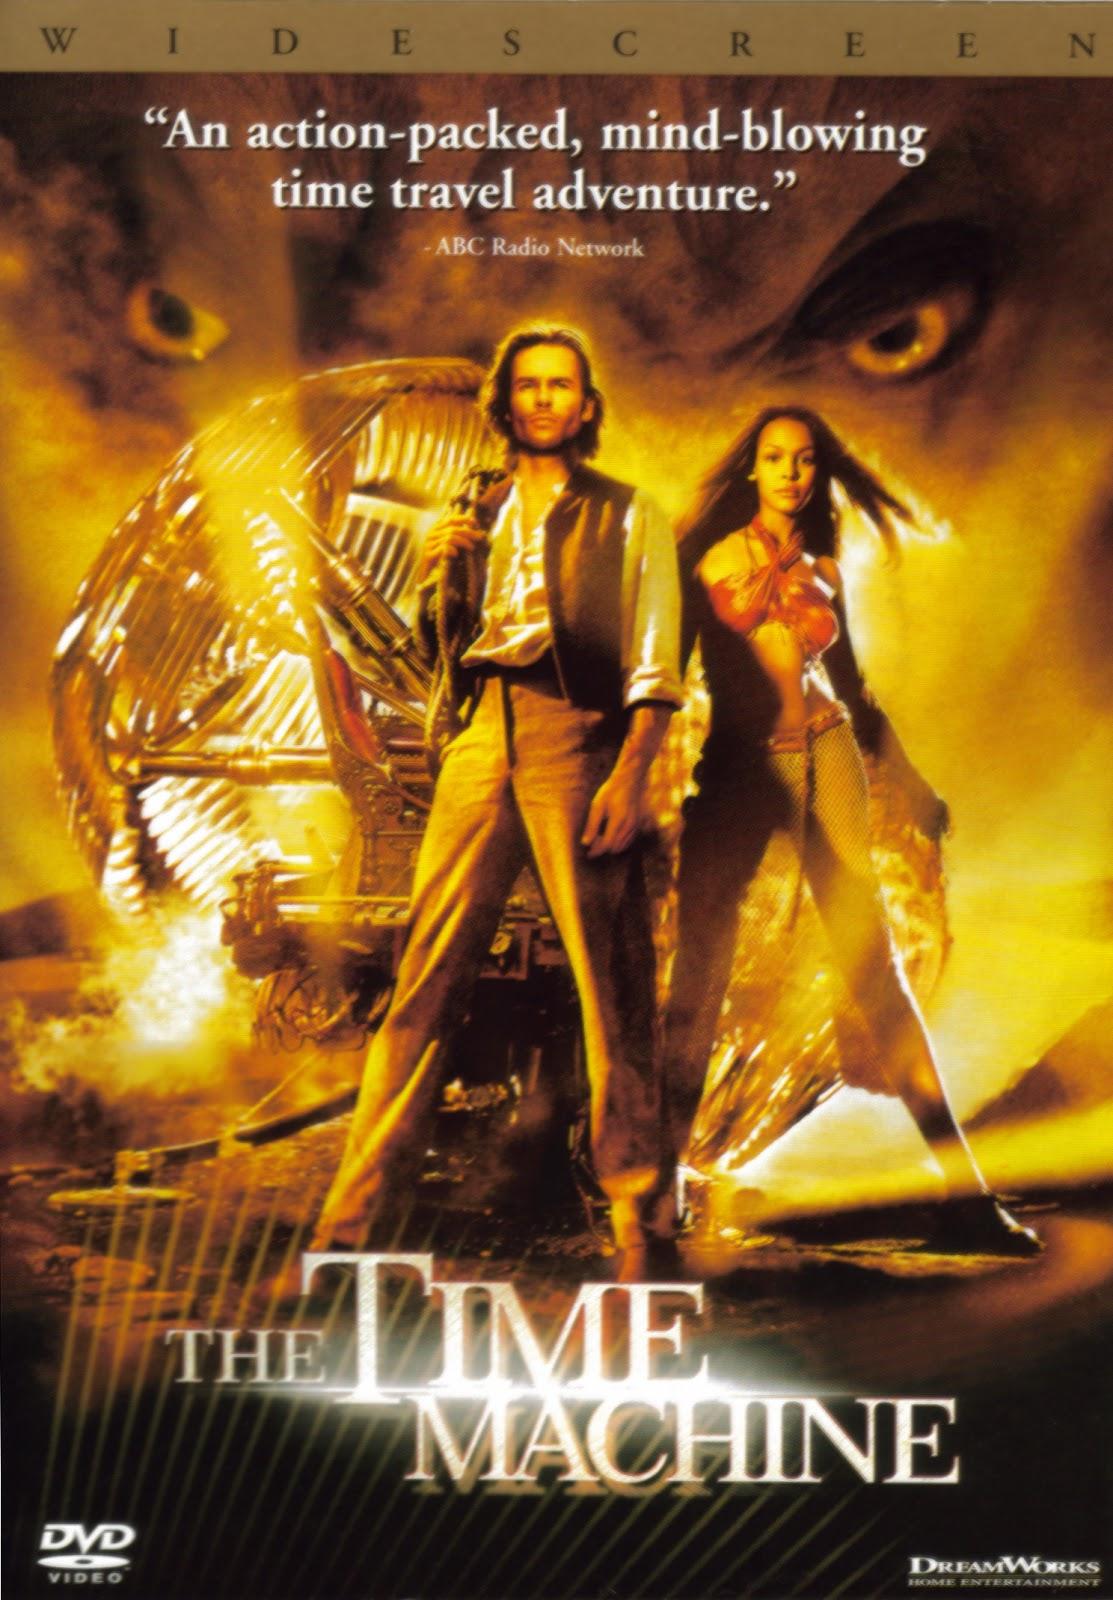 http://4.bp.blogspot.com/-Y2PQU5rnq-U/T1qoEYLL_wI/AAAAAAAAGI0/9Zmw0LlgCqY/s1600/dvd-TimeMachine.jpg